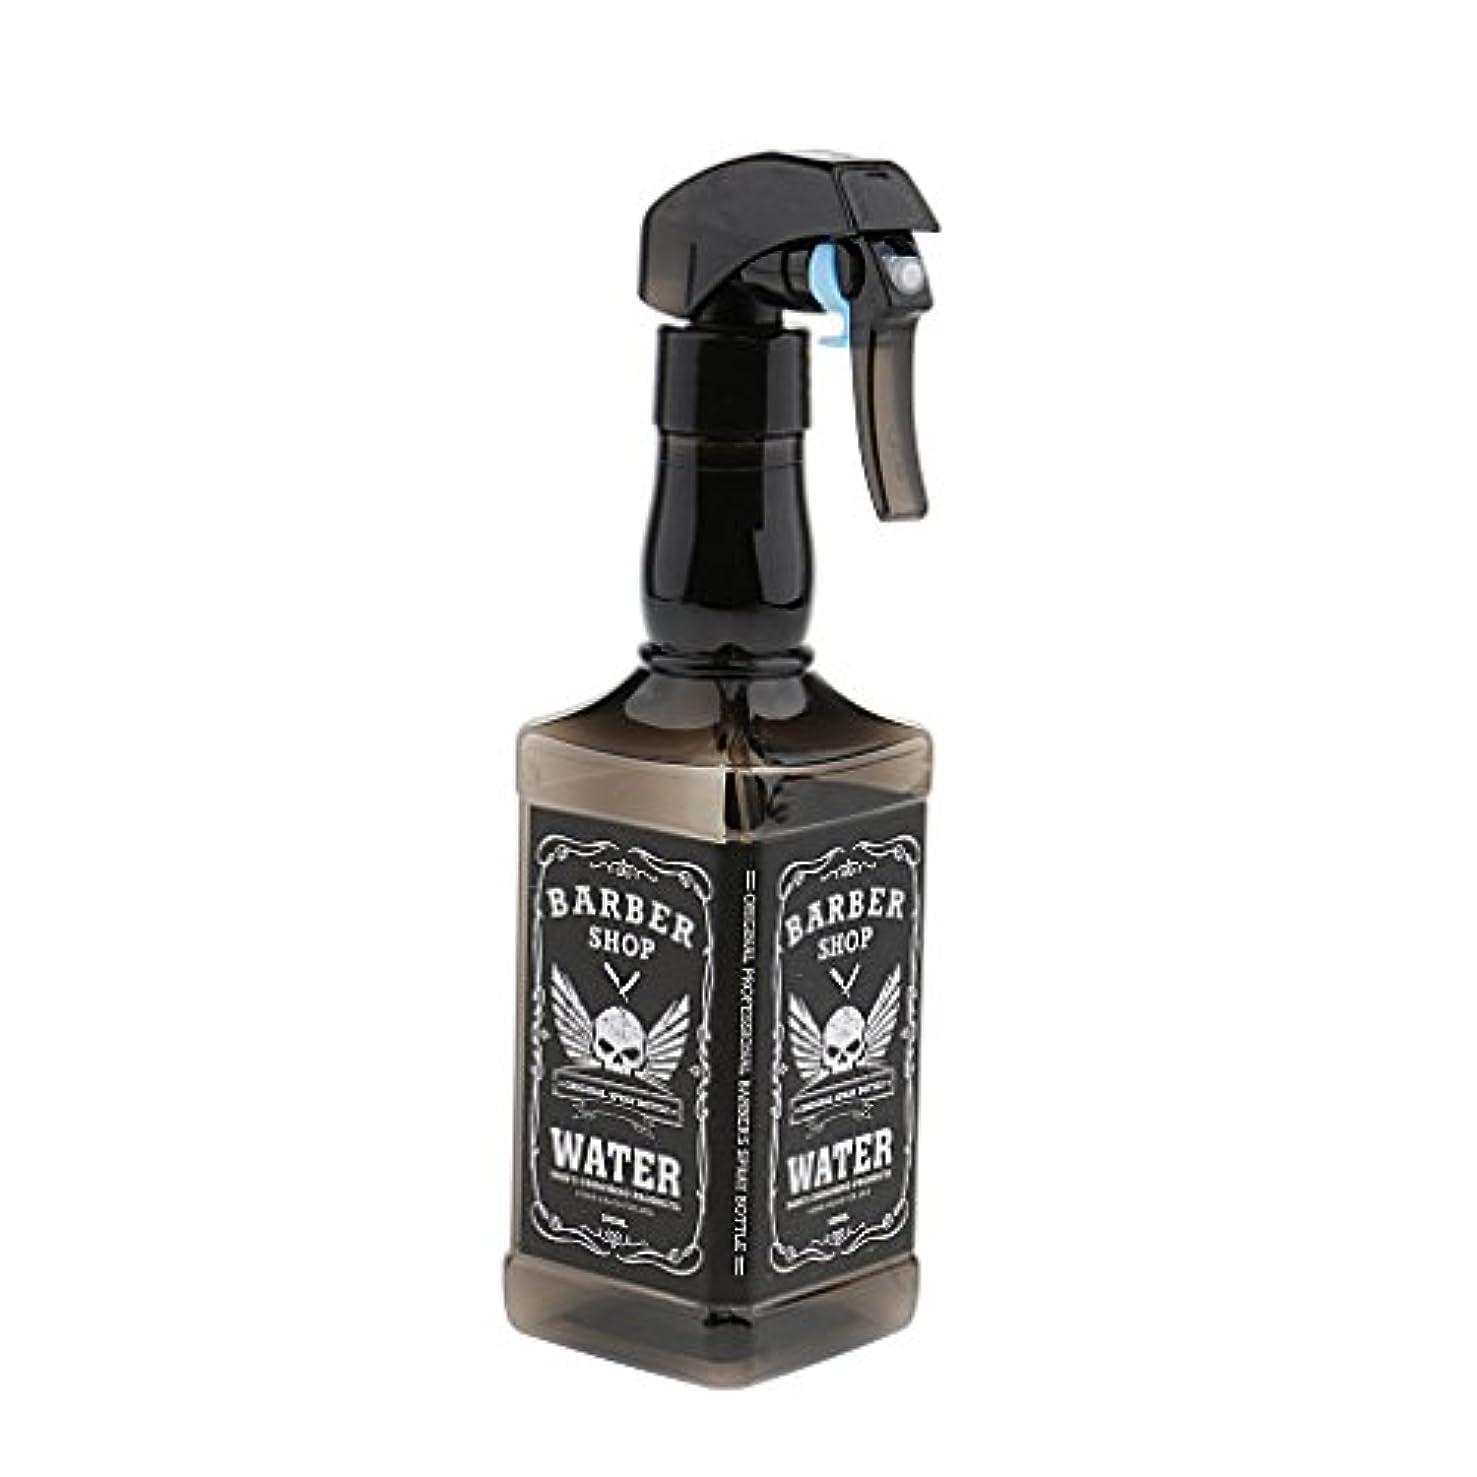 最終的に文献繊毛スプレーボトル プラスチック製 ヘアスプレー ボトル サロン 美容院 水スプレー 500ml 3色選べ - ブラック